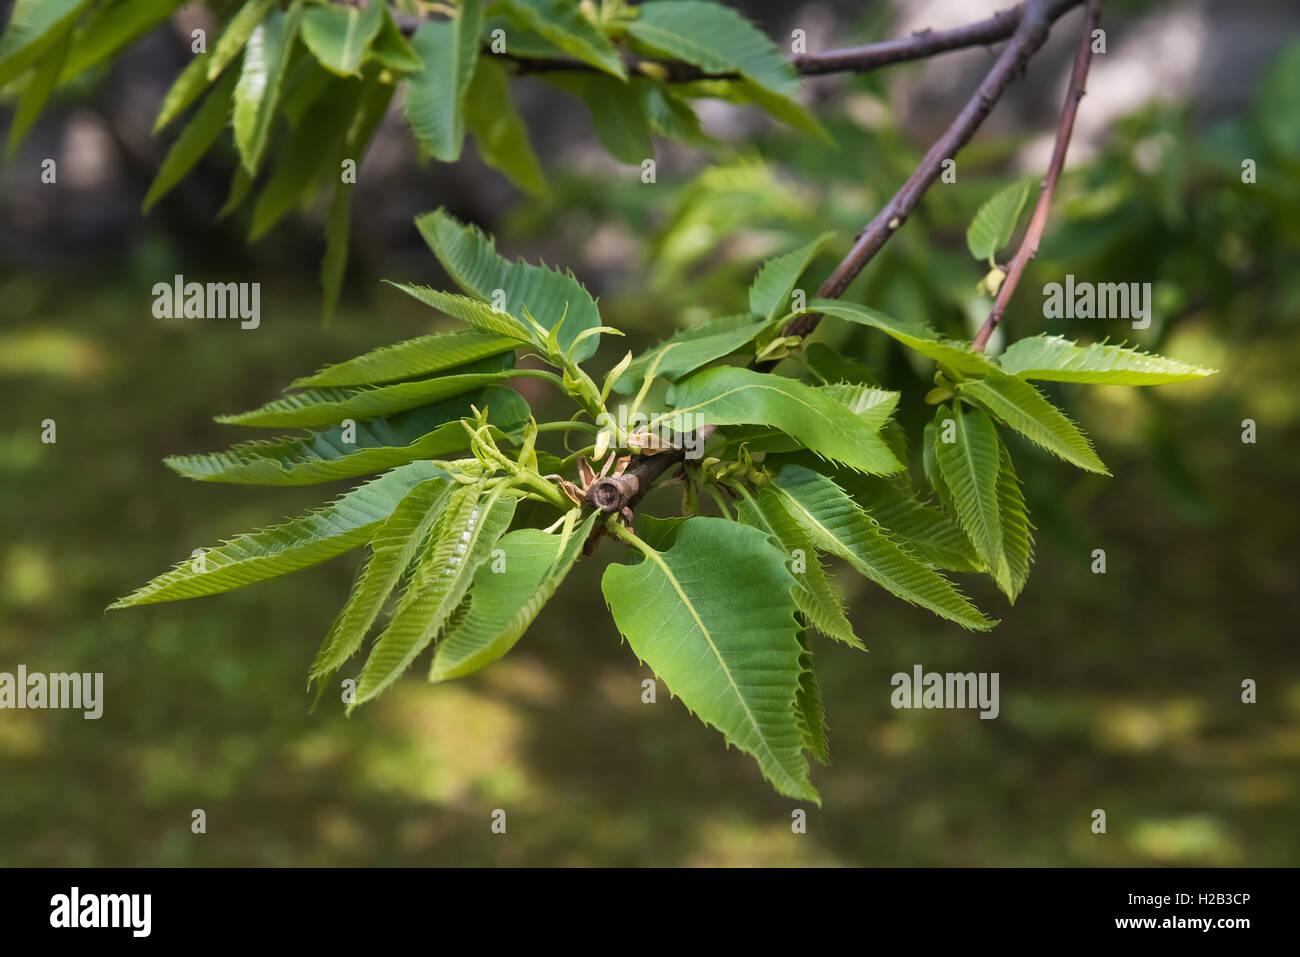 Kastanien Zweig in einem park Stockbild